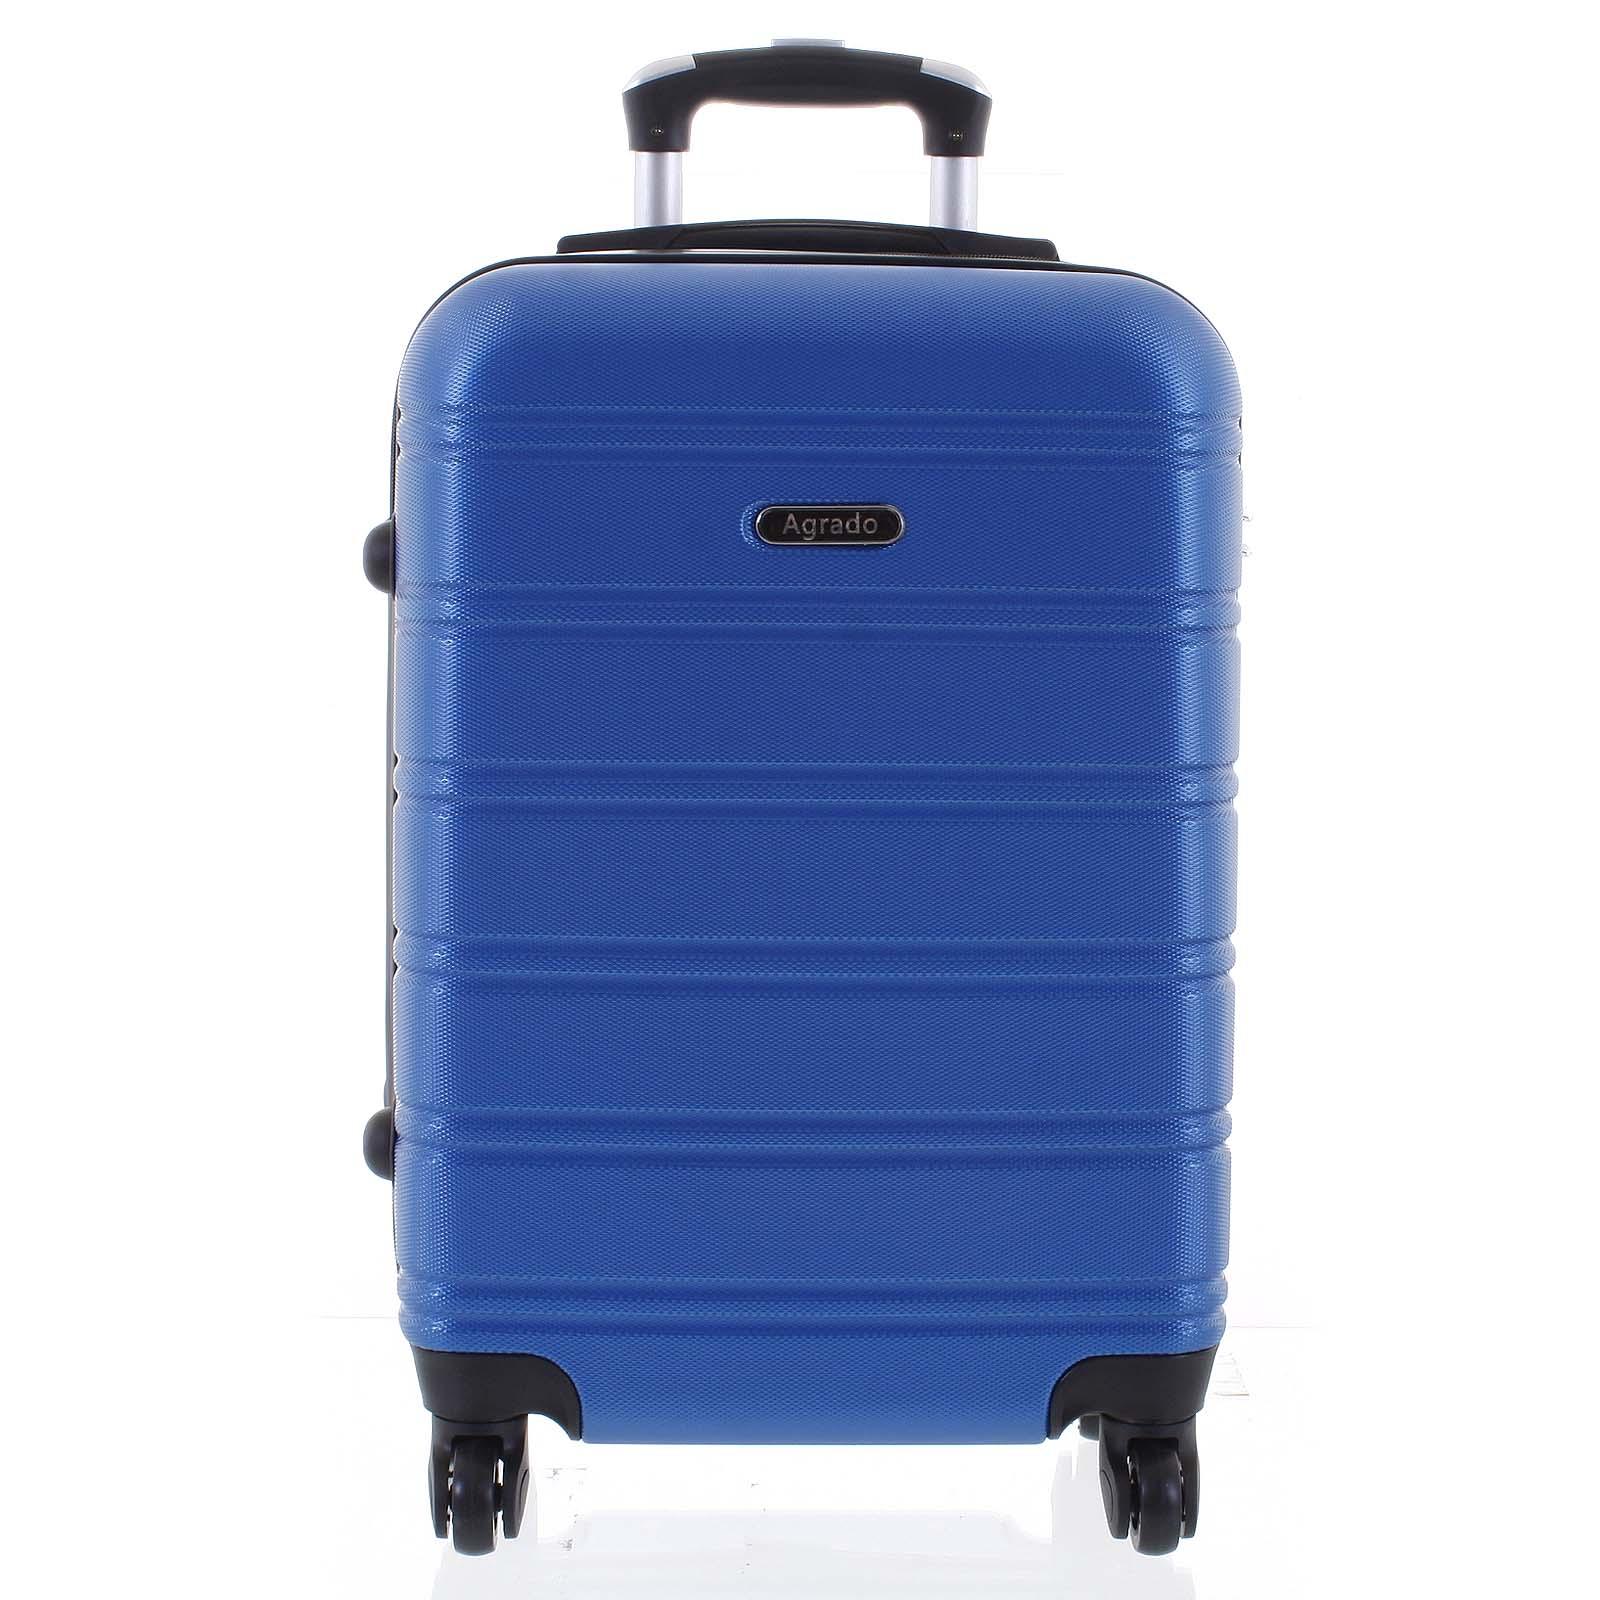 Kvalitný a elegantný pevný žiarivo modrý cestovný kufor - Agrado Michael S